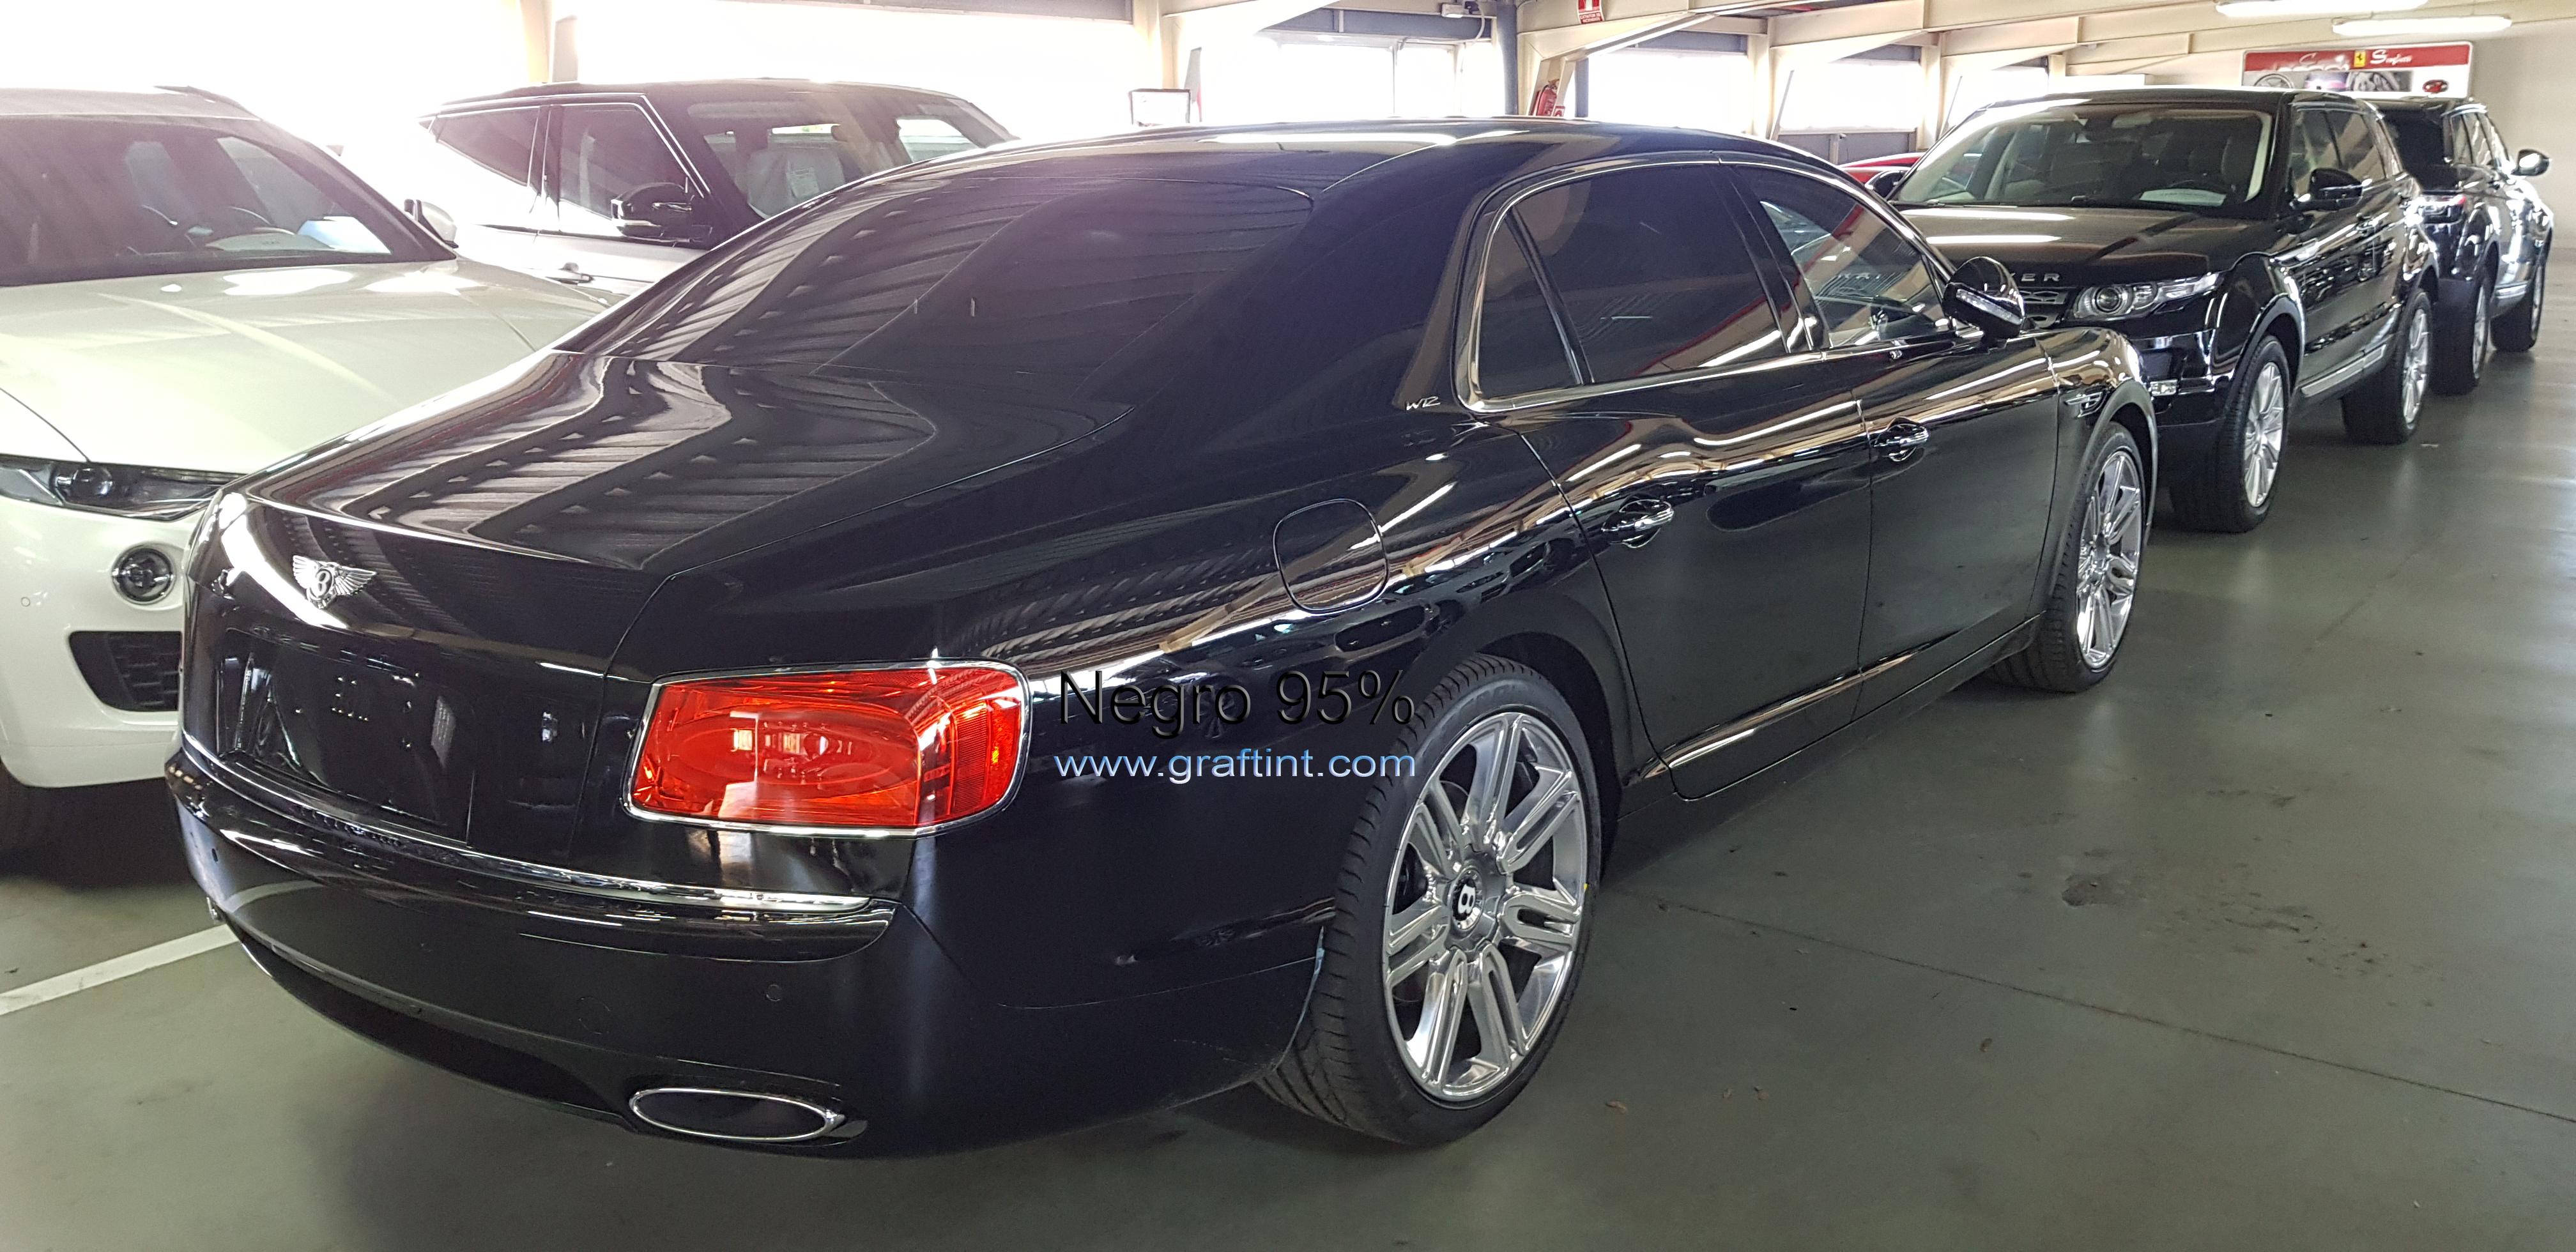 Bentley 95% - 02